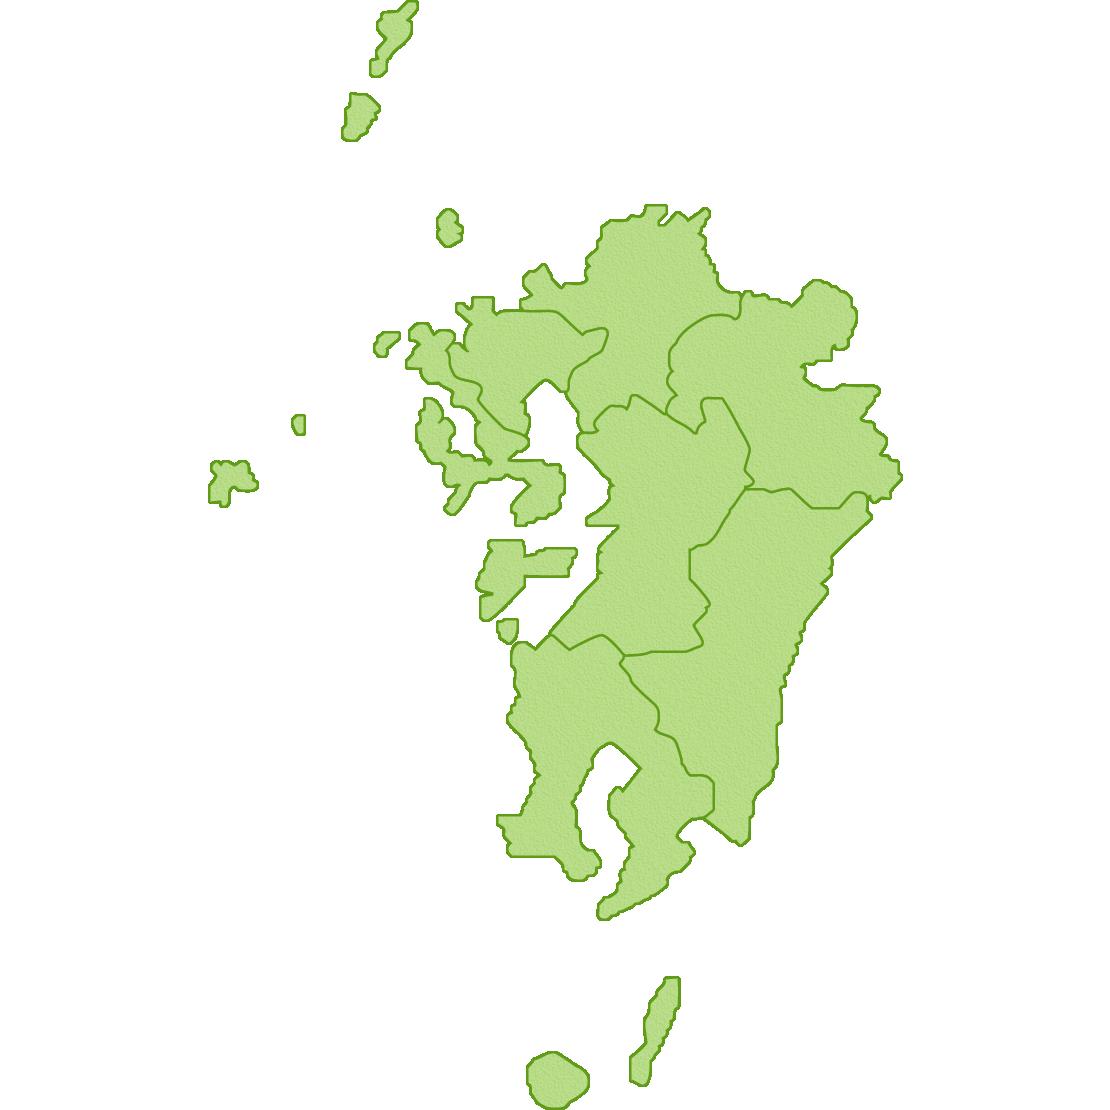 九州地方の地図のイラスト